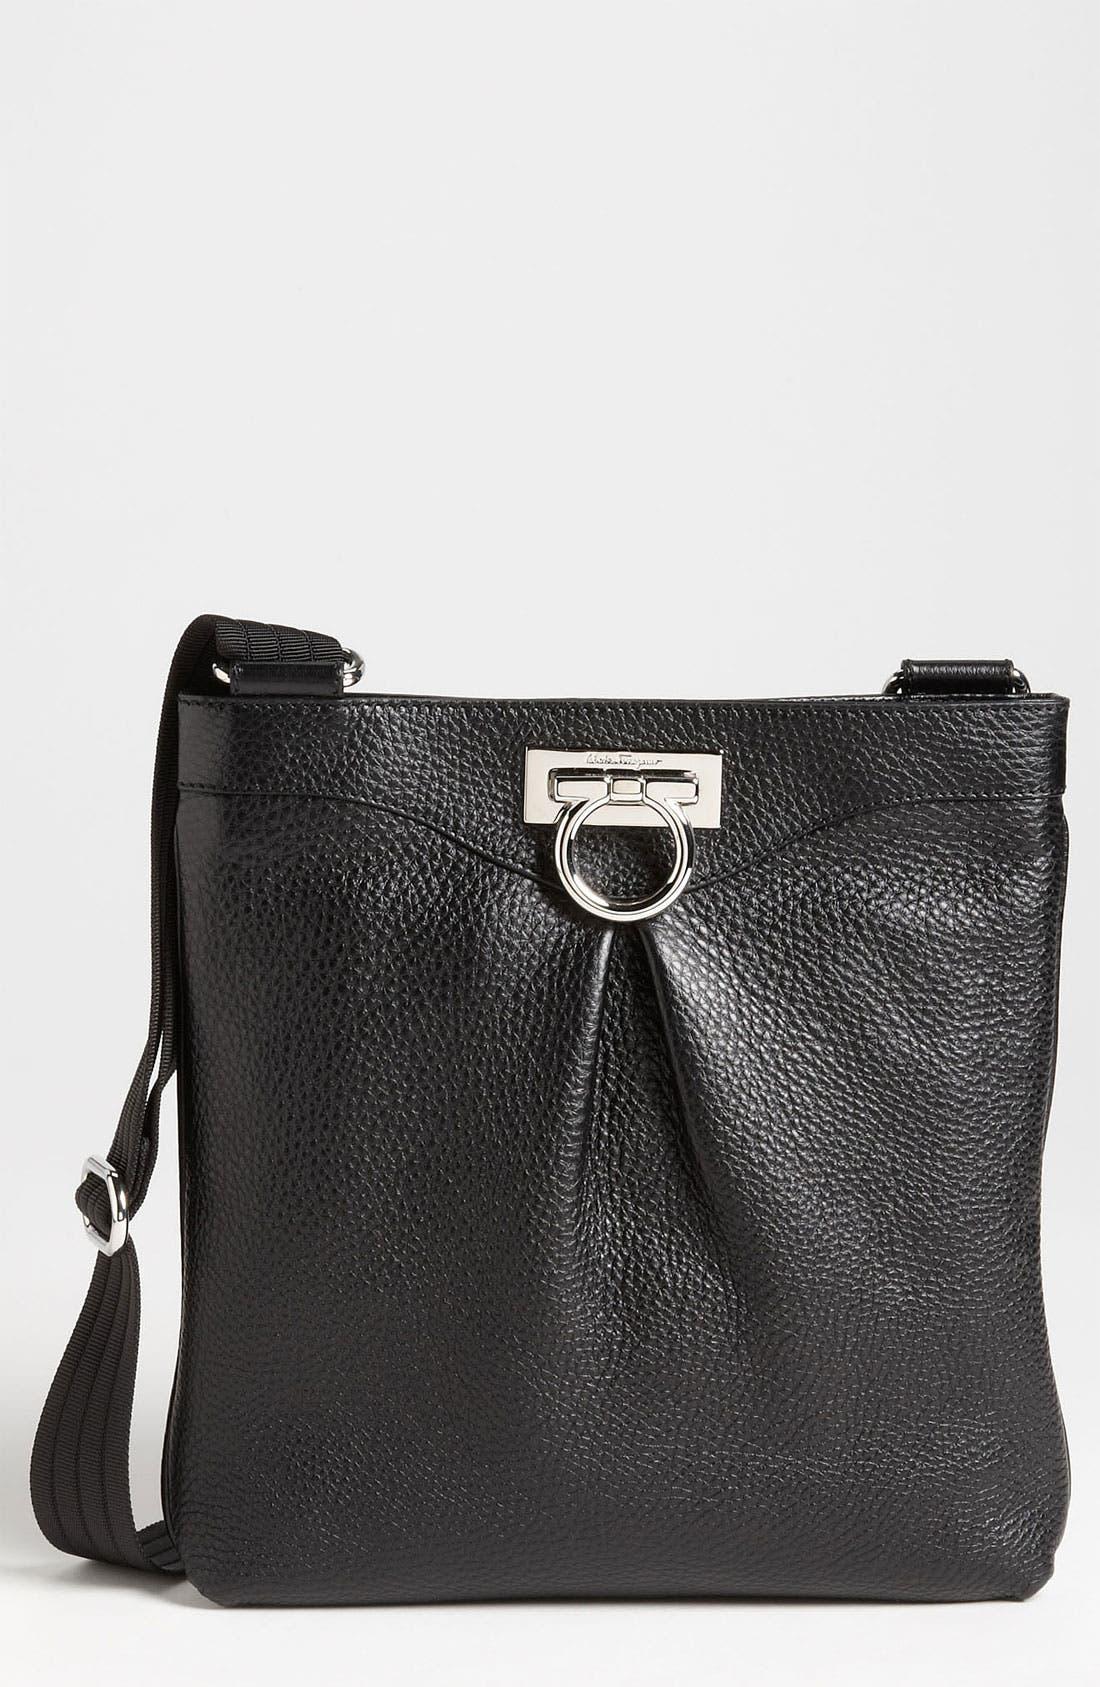 Main Image - Salvatore Ferragamo 'Grazielle Vitello' Leather Crossbody Bag